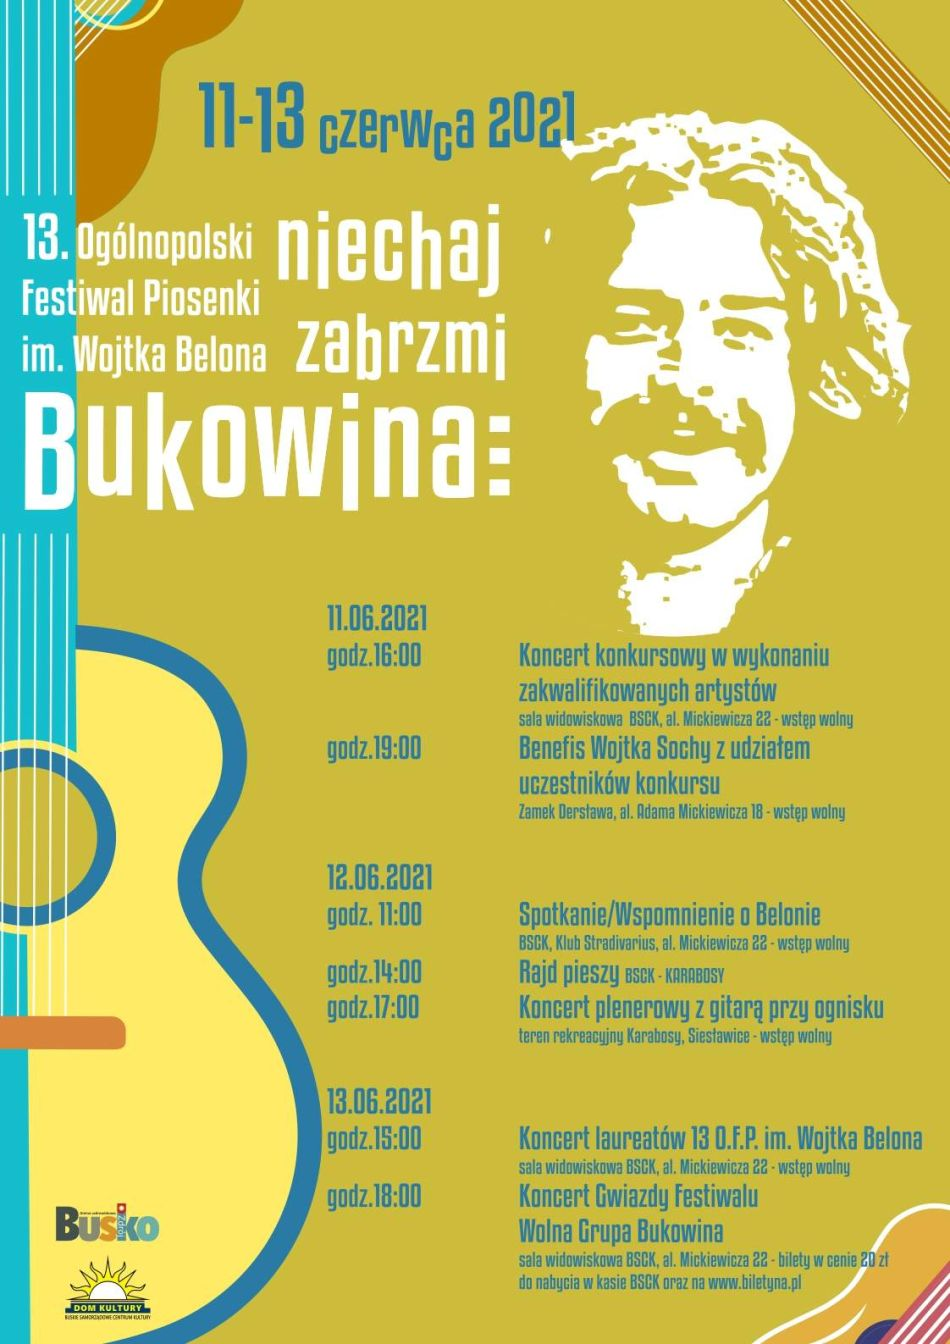 13. OFP Niechaj Zabrzmi Bukowina